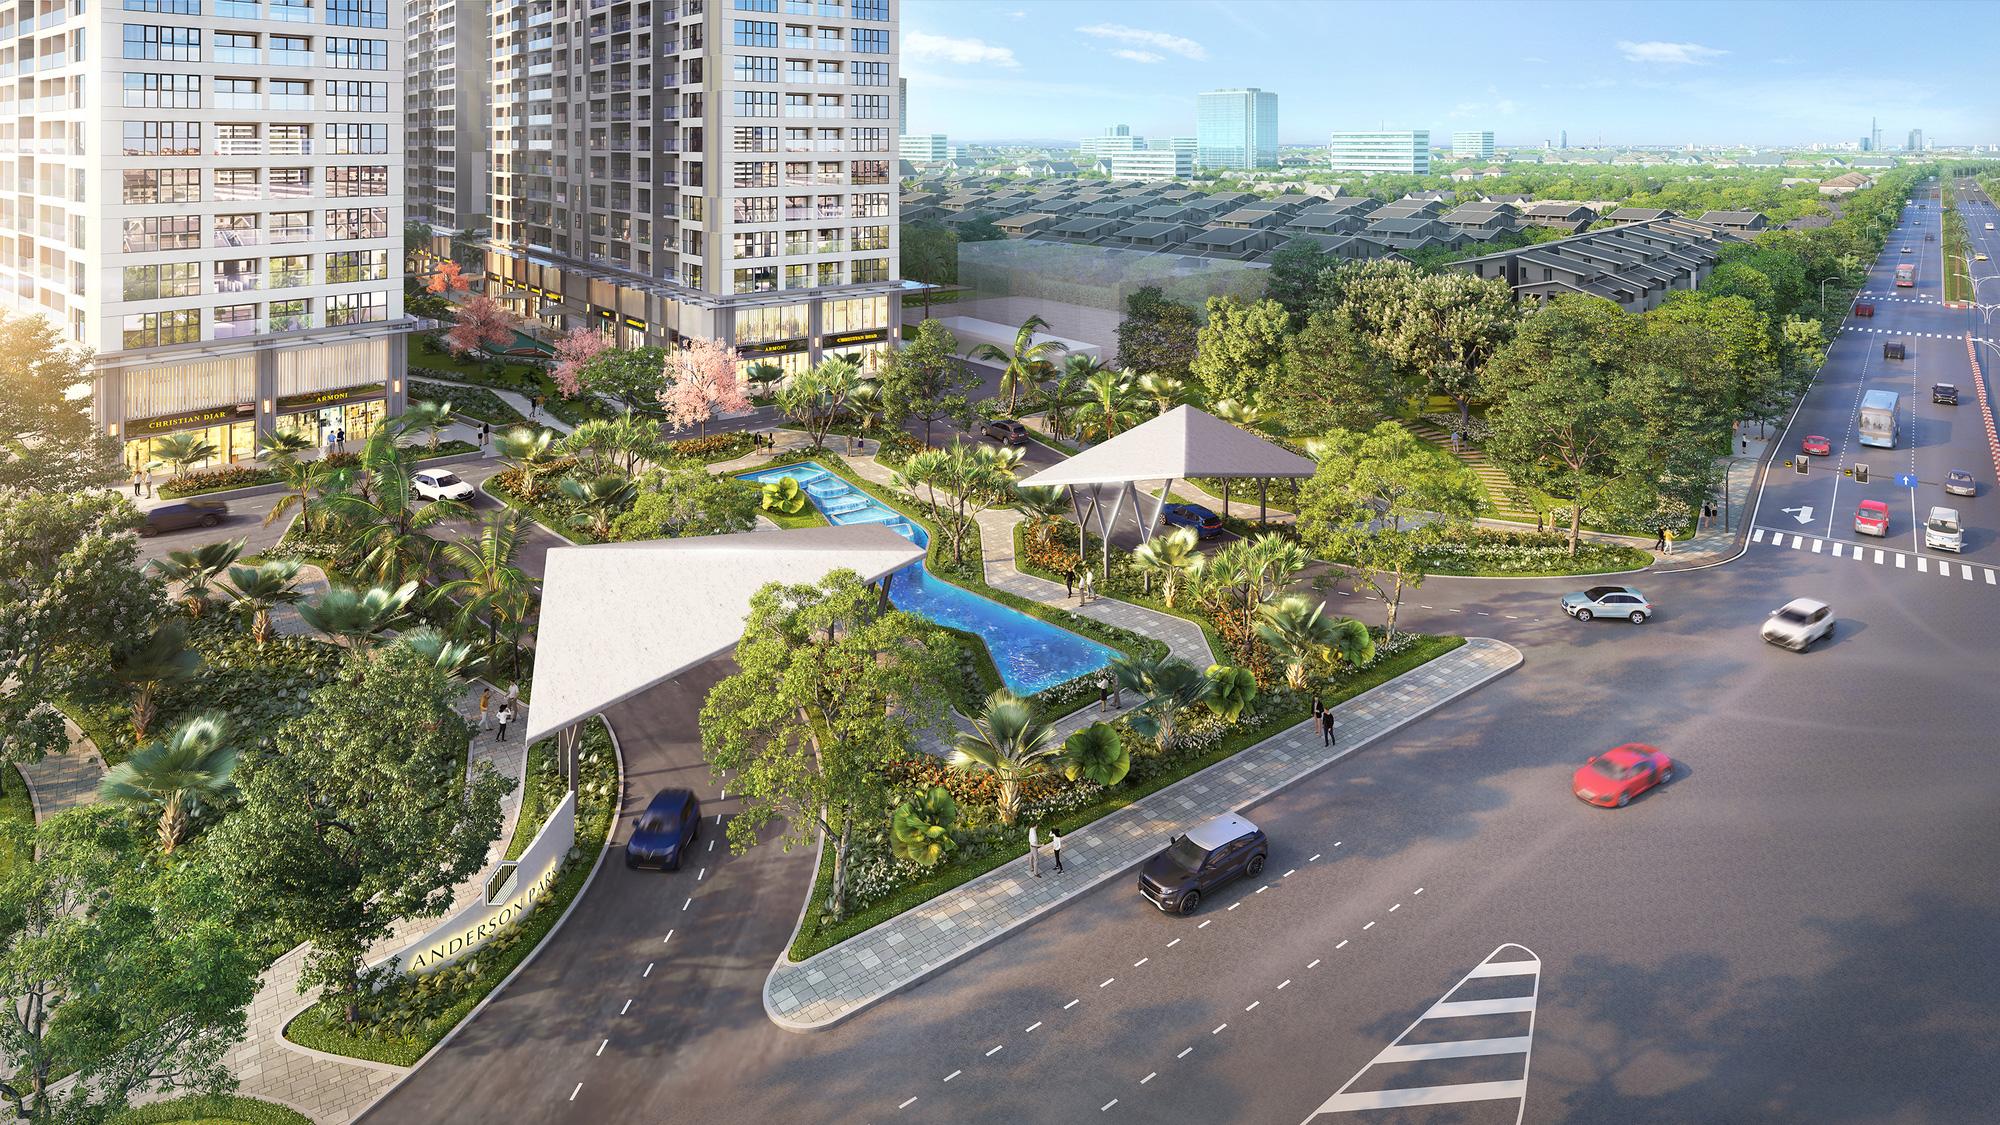 """ANDERSON PARK - Không gian sống """"ngàn tiện ích trong một"""" tại thành phố trẻ Thuận An có gì hấp dẫn? - Ảnh 5."""